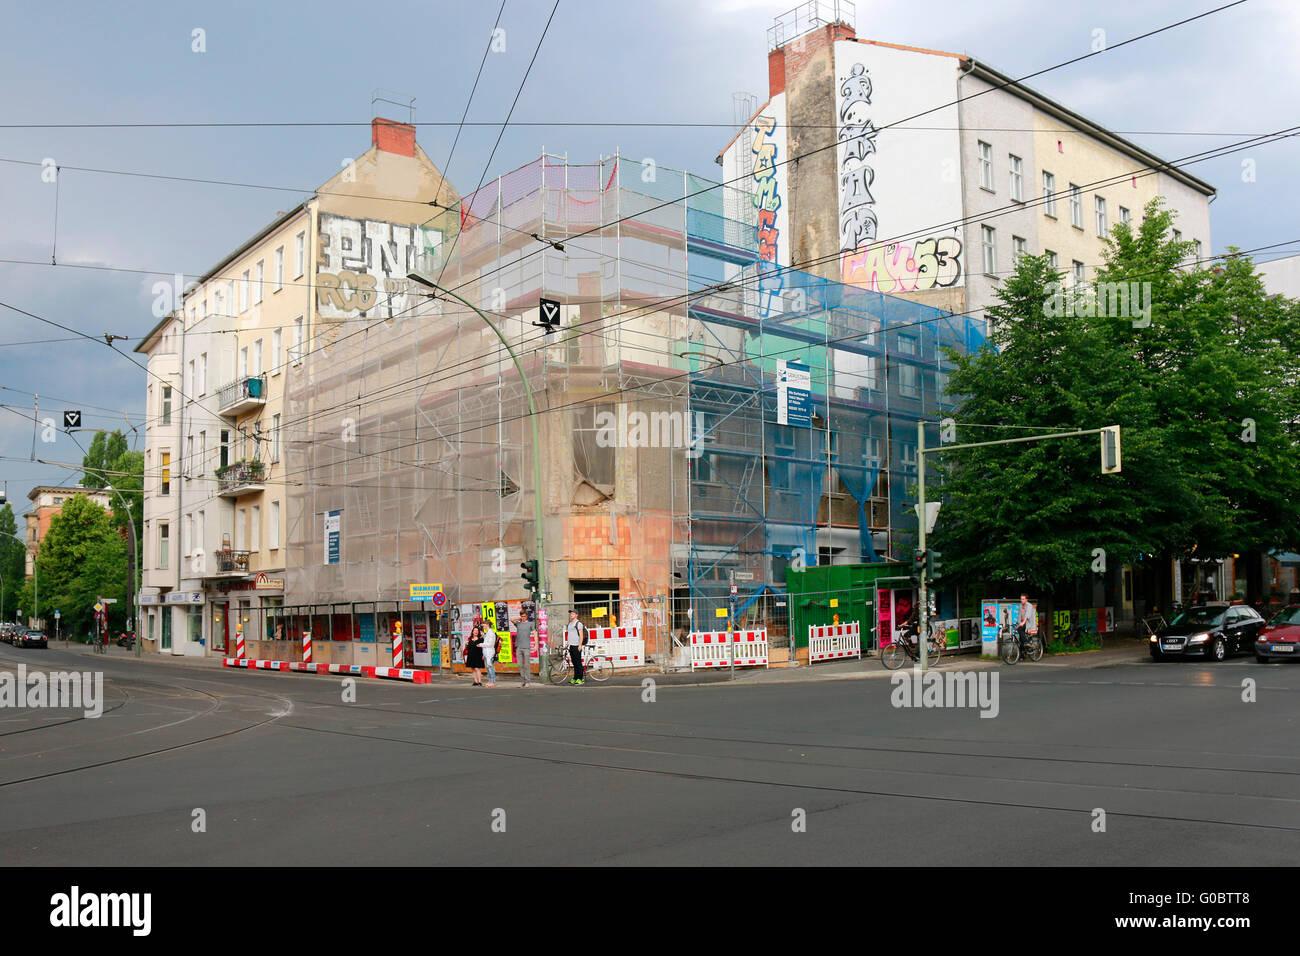 ein Haus an der Ecke Brunnenstrasse, Invaidenstrasse wirdf abgerissen, Berlin. - Stock Image